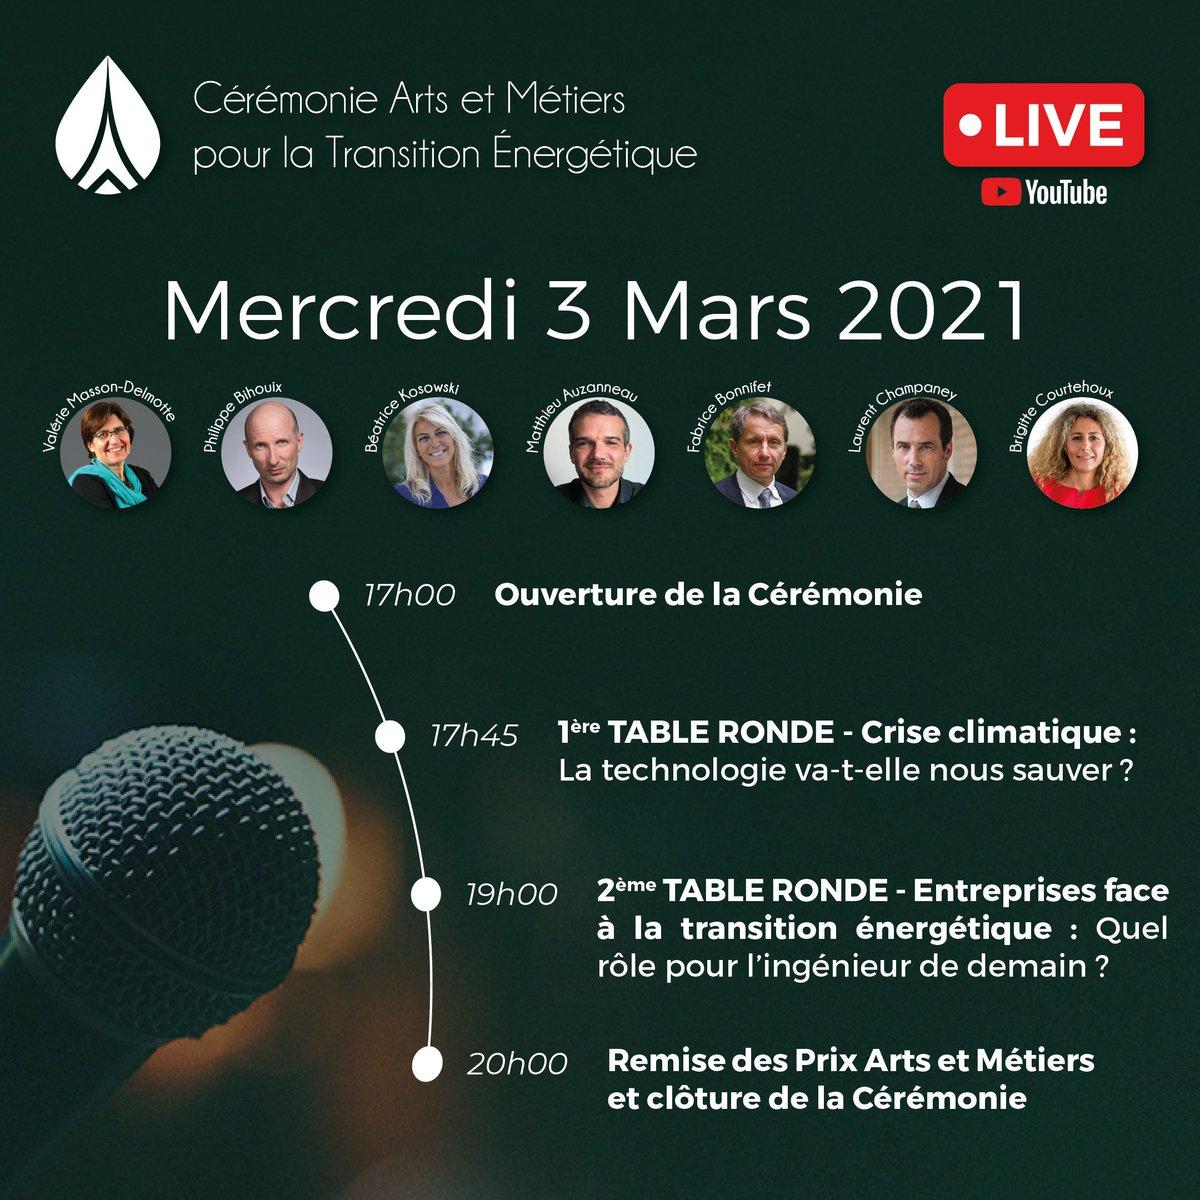 📅RDV le 3 mars à 17h sur YouTube en live pour la Cérémonie #ArtsetMétiers pour la Transition Énergétique! Programme ➡️Crise climatique : la #technologie va-t-elle nous servir ?  ➡️Entreprises face à la transition #énergétique : Le rôle de l'#ingénieur ? 📲